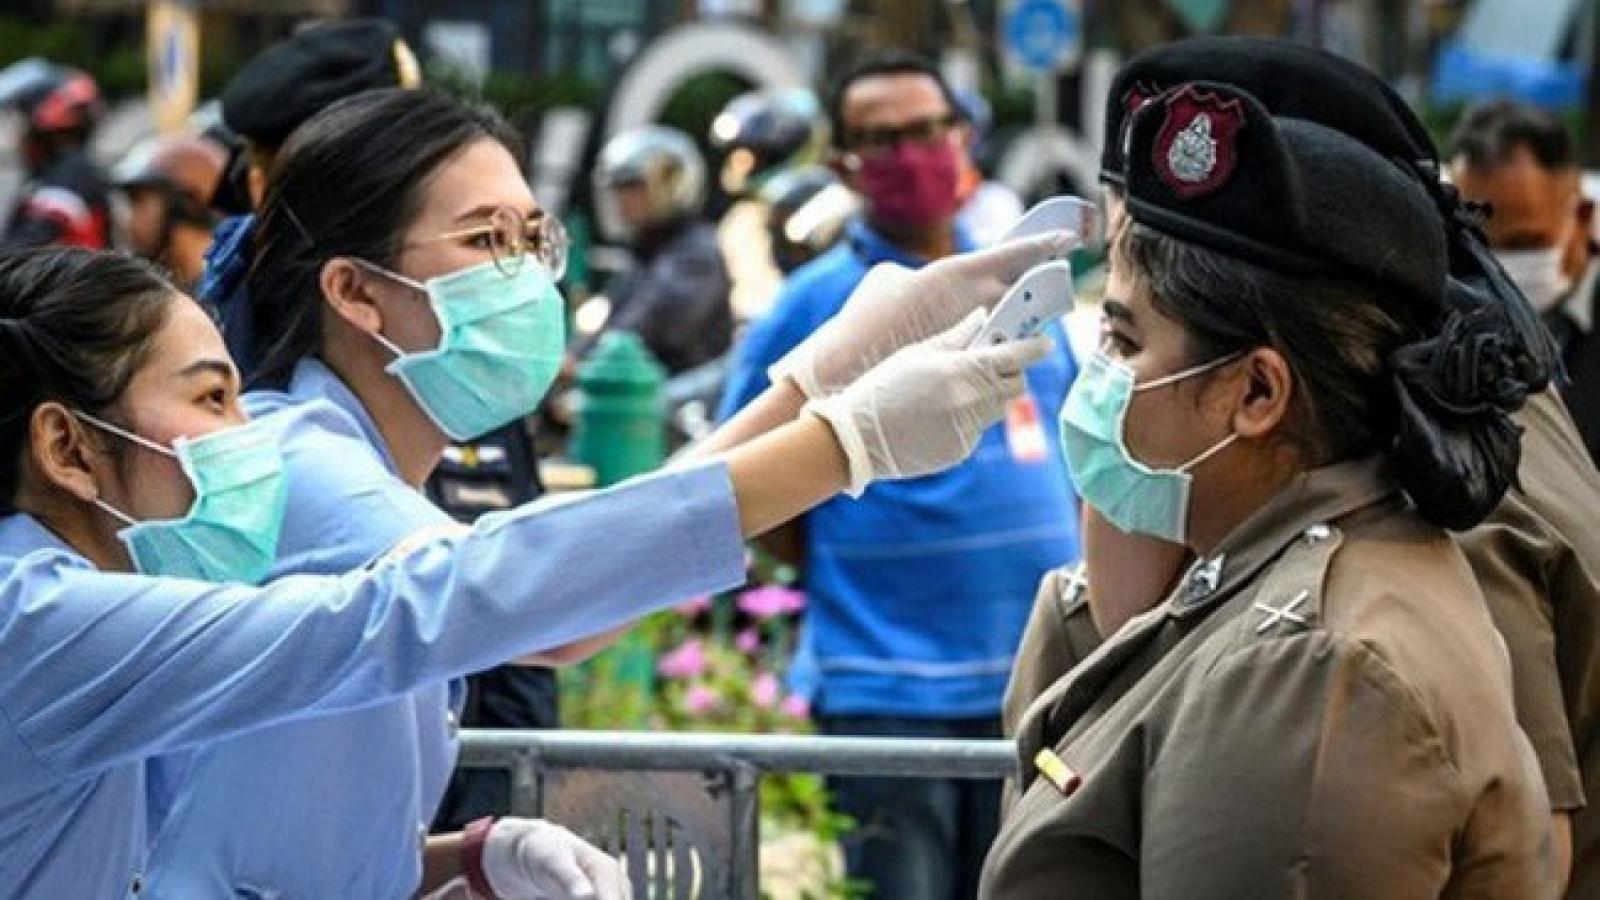 Đã 20 ngày qua, Thái Lan không có ca nhiễm Covid-19 trong cộng đồng